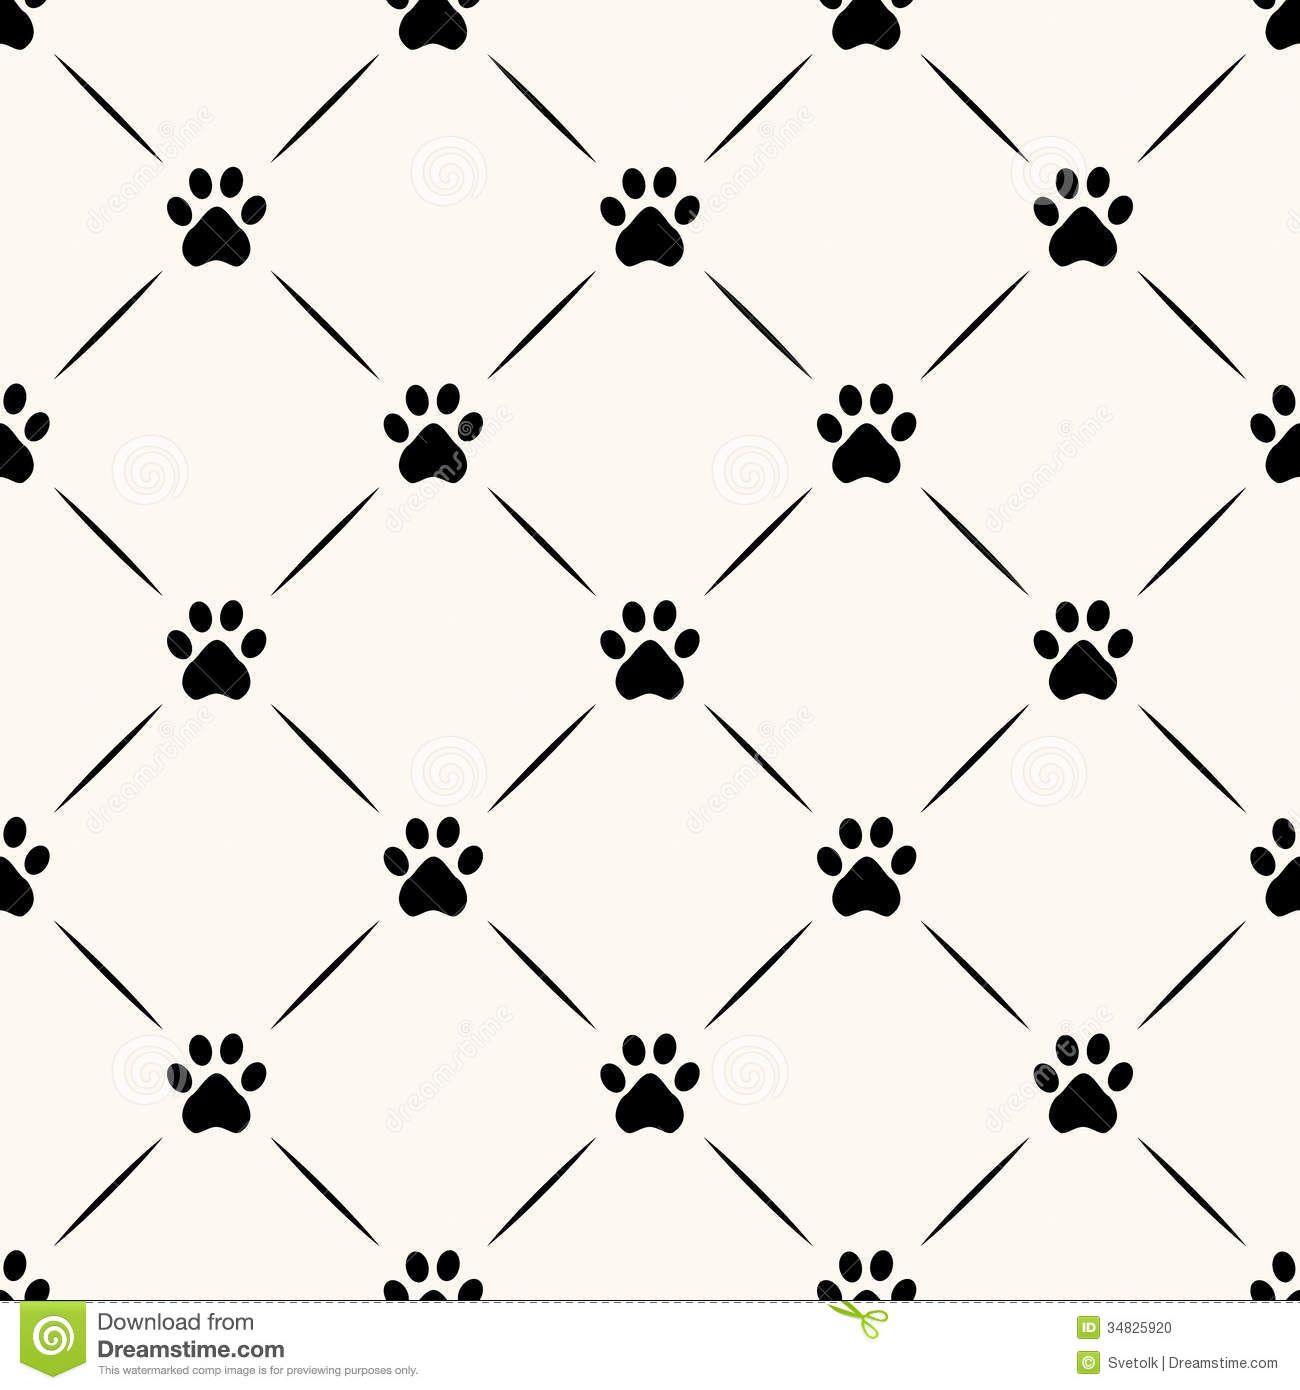 Paw Print Wallpaper 43480 Wallpaper Res 1300x1390 paw